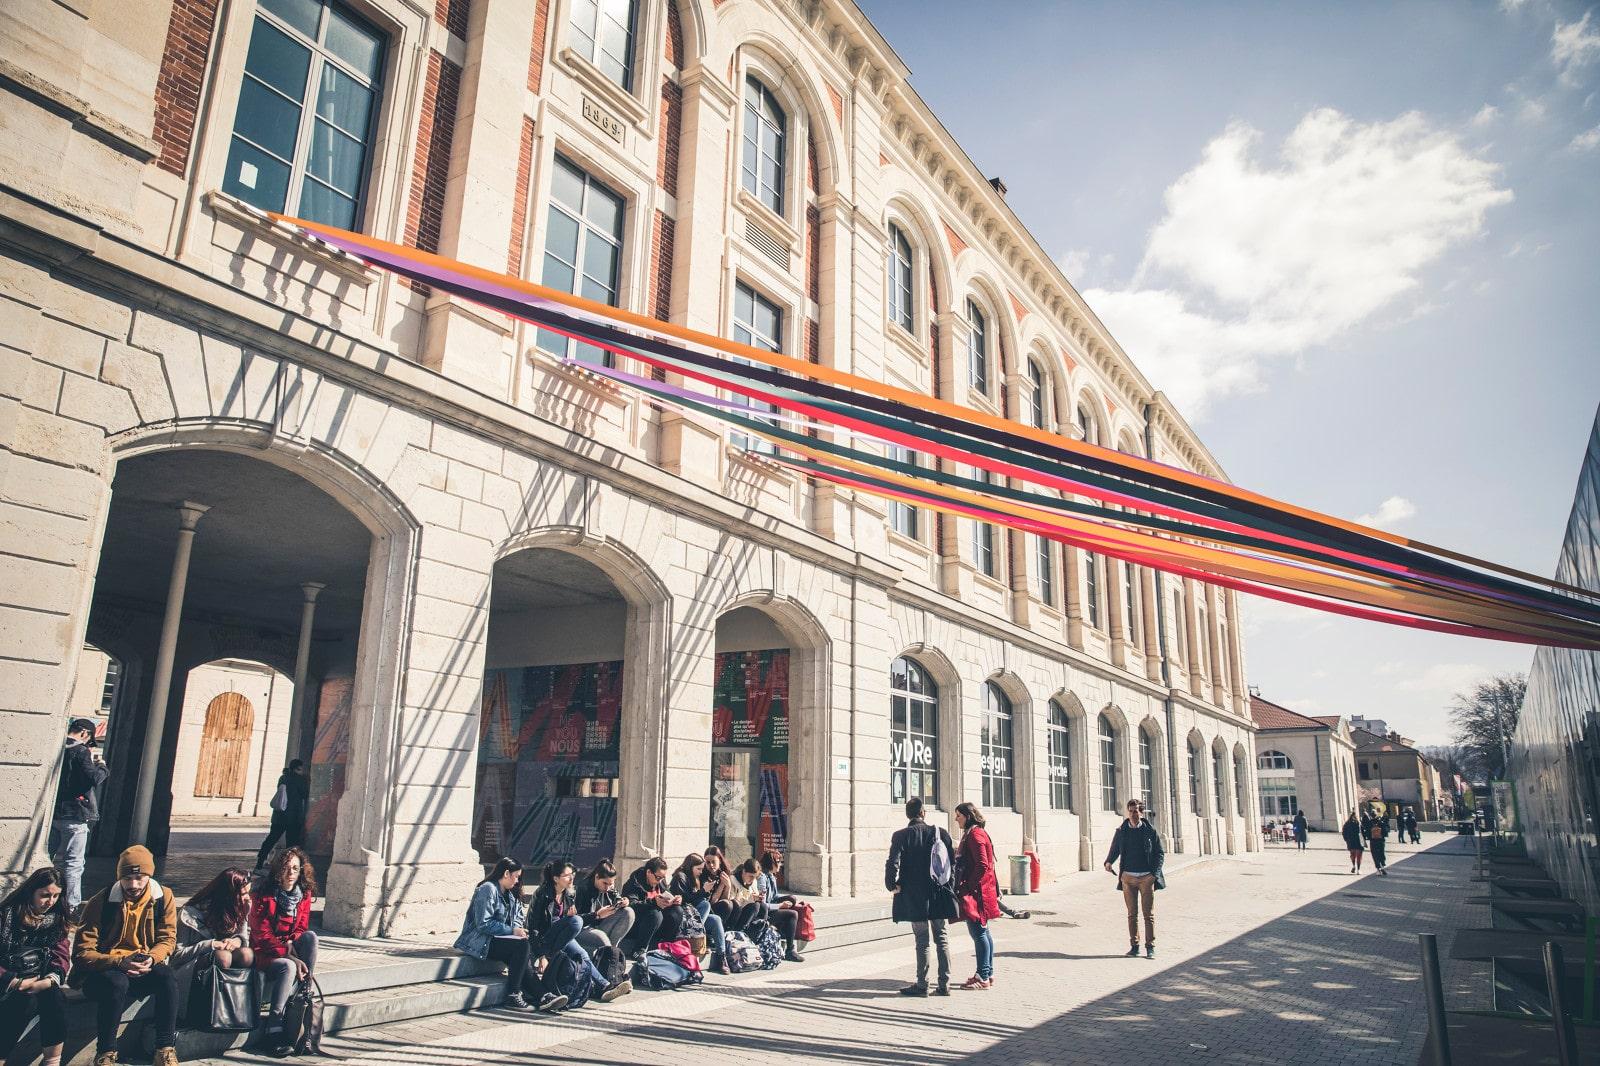 Biennale_Internationale_Design_2019___Systems__not_stuff-Saint-Etienne_Tourisme___Congres___Pierre_Grasset-80604-1600px